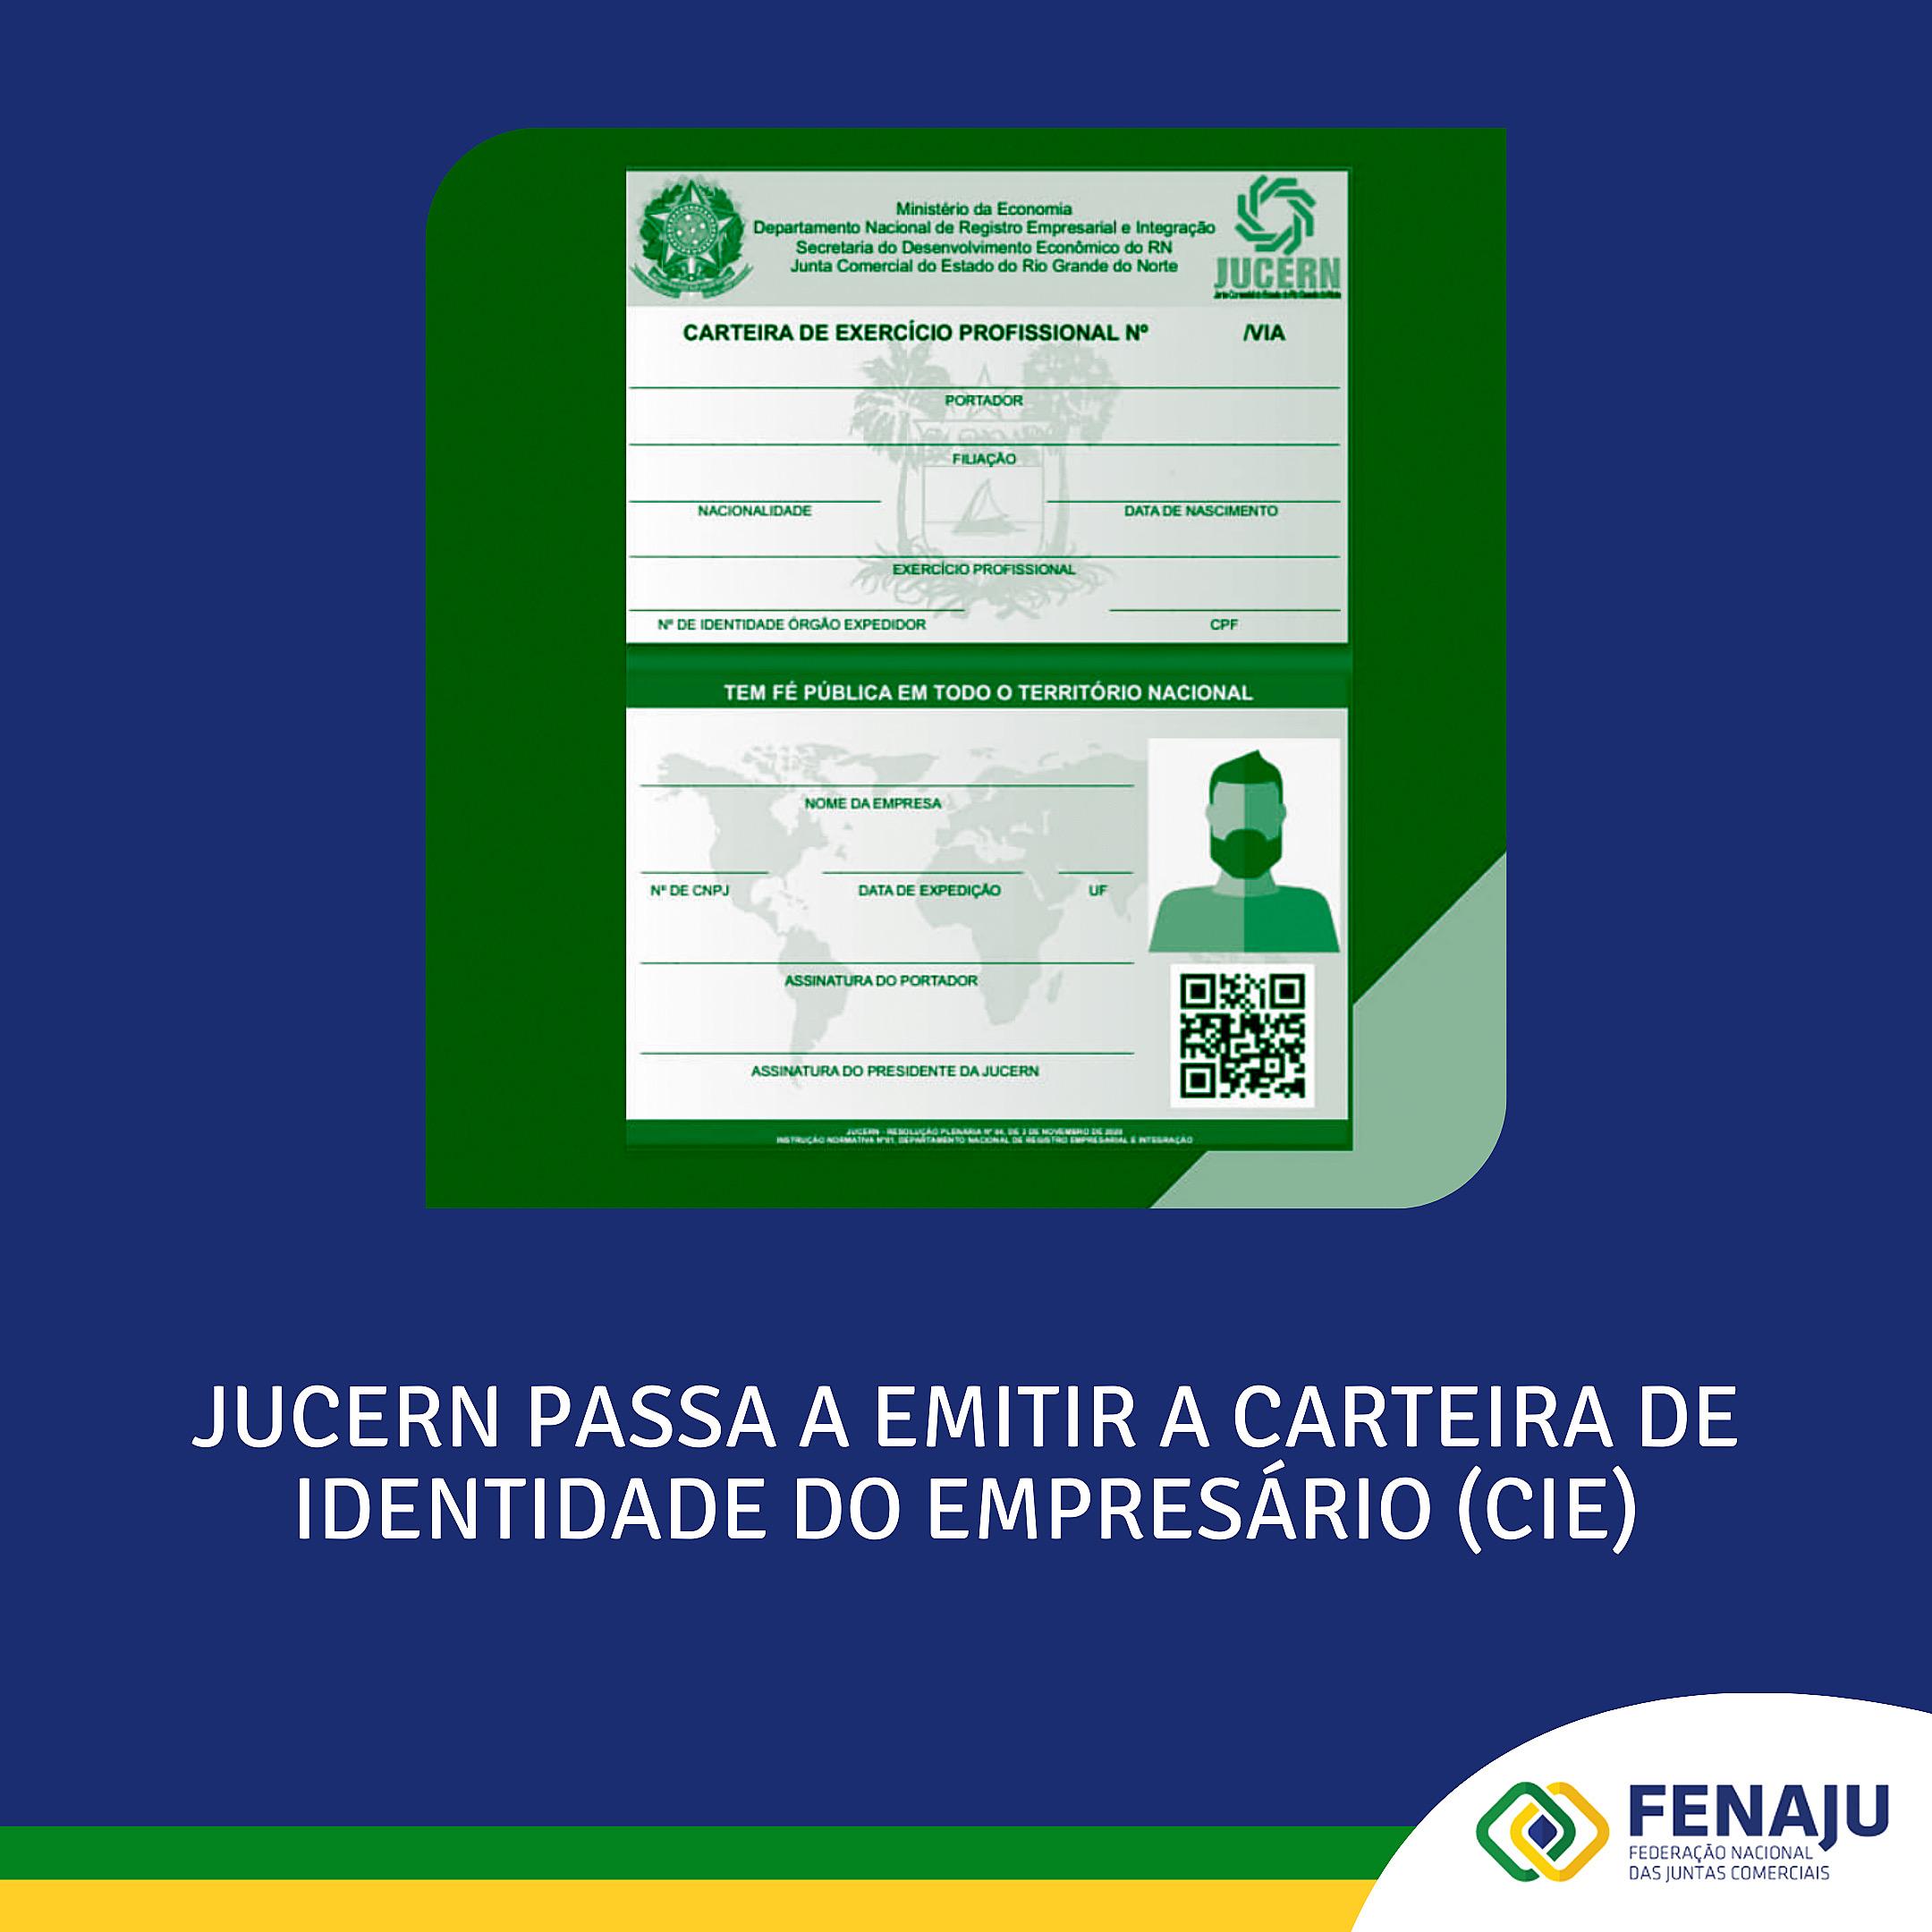 Jucern passa a emitir a Carteira de Identidade do Empresário (CIE)